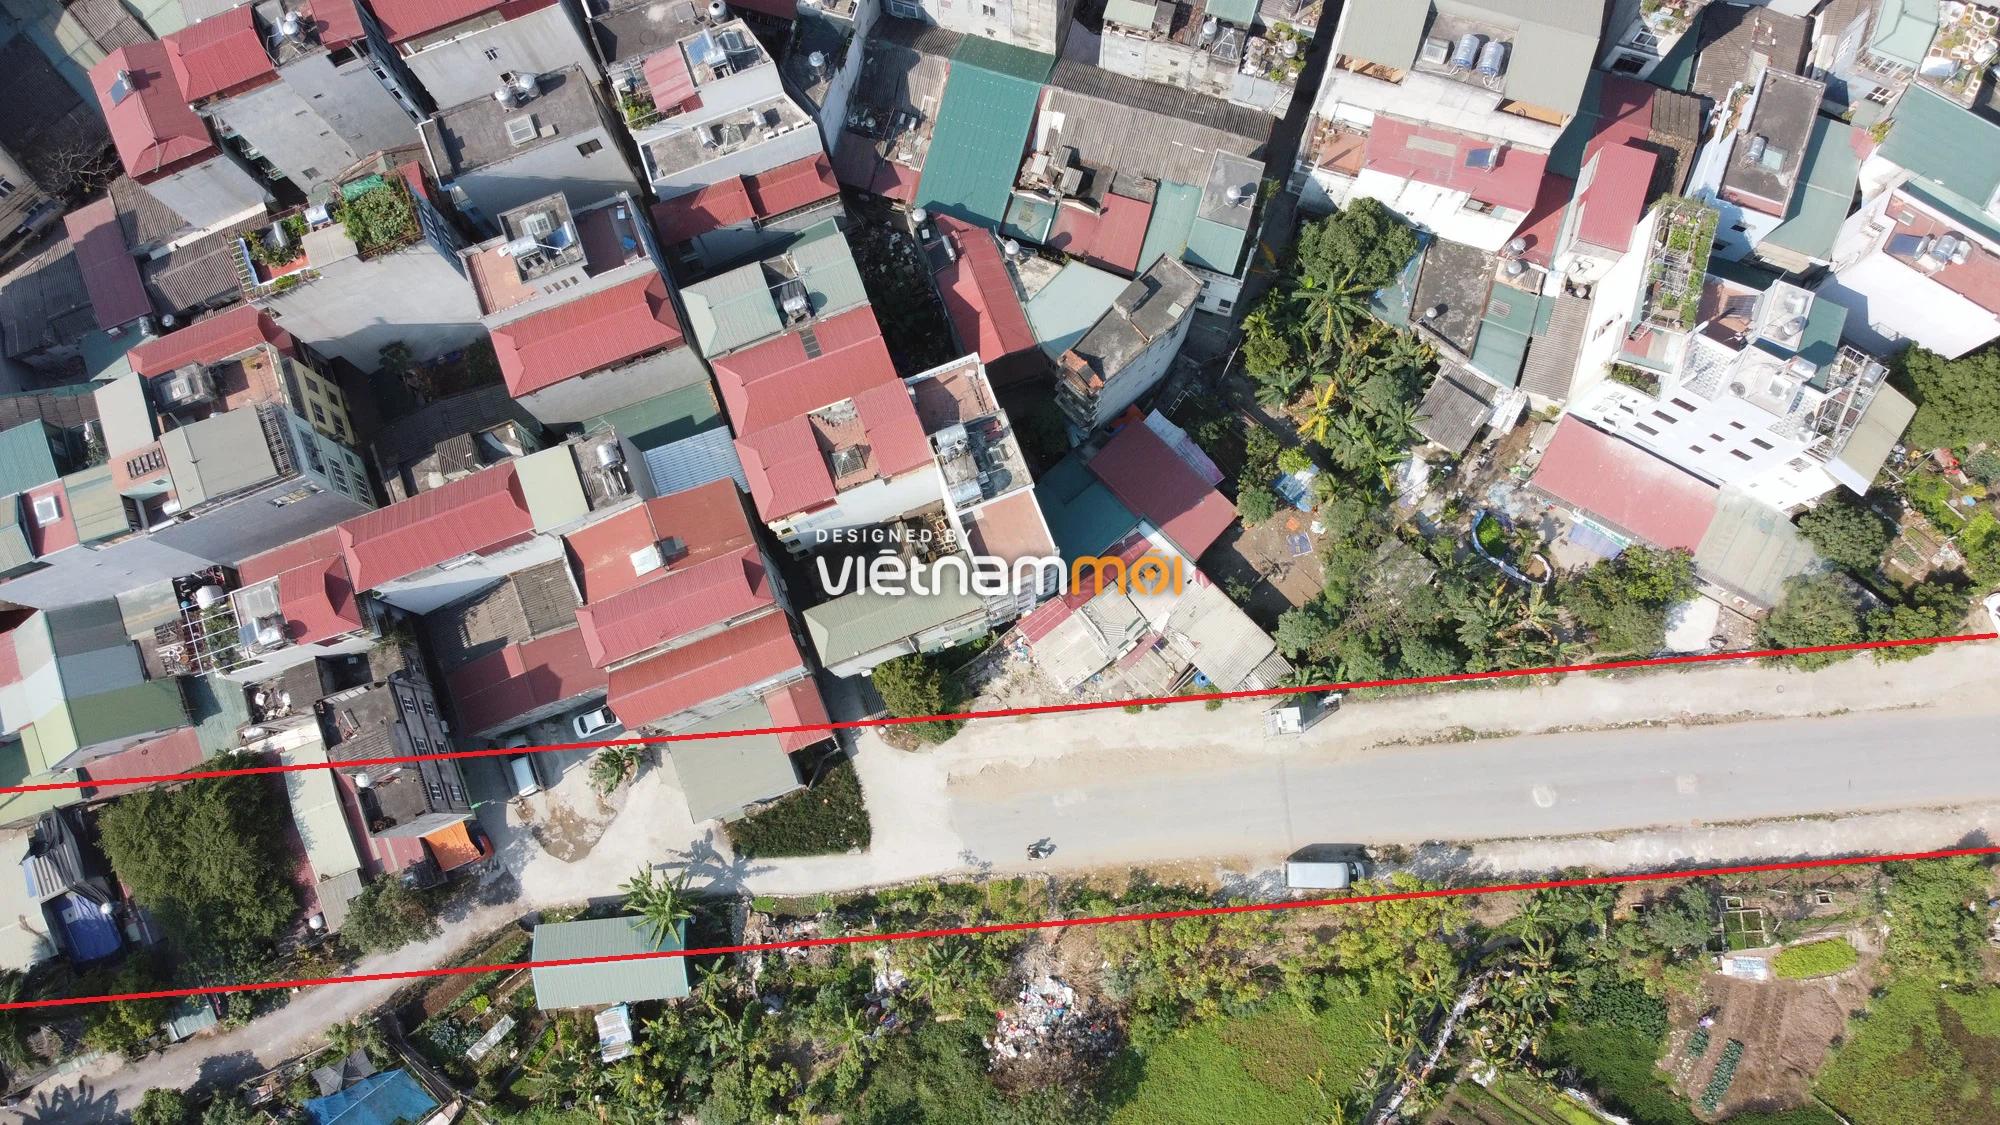 Những khu đất sắp thu hồi để mở đường ở quận Bắc Từ Liêm, Hà Nội (phần 2) - Ảnh 15.